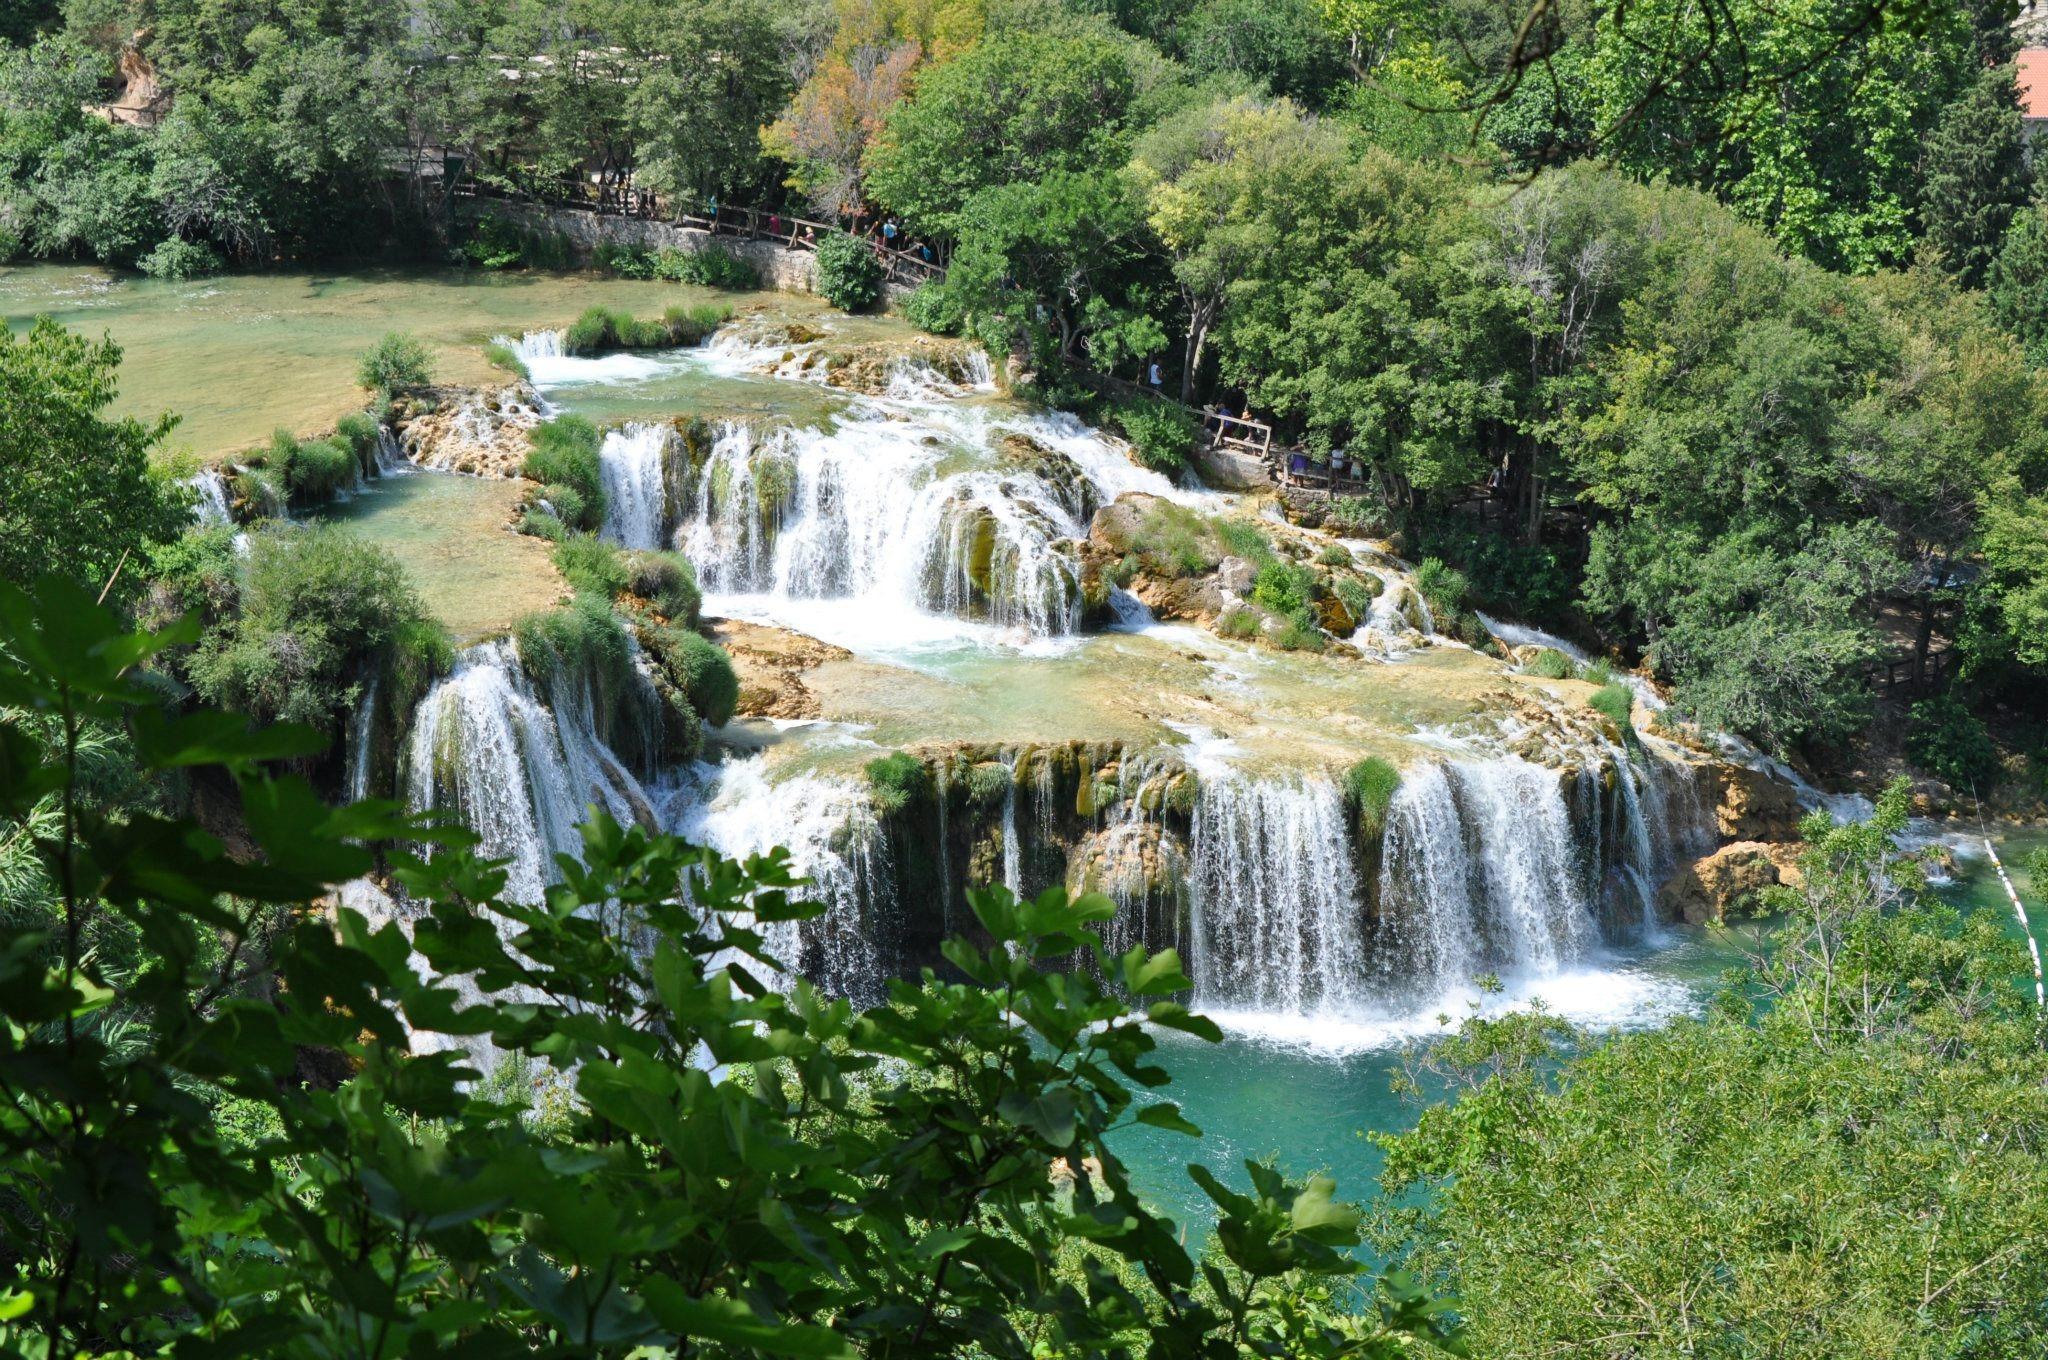 Cascada estanque estanque de jardin con cascada y peces for Estanque cascada